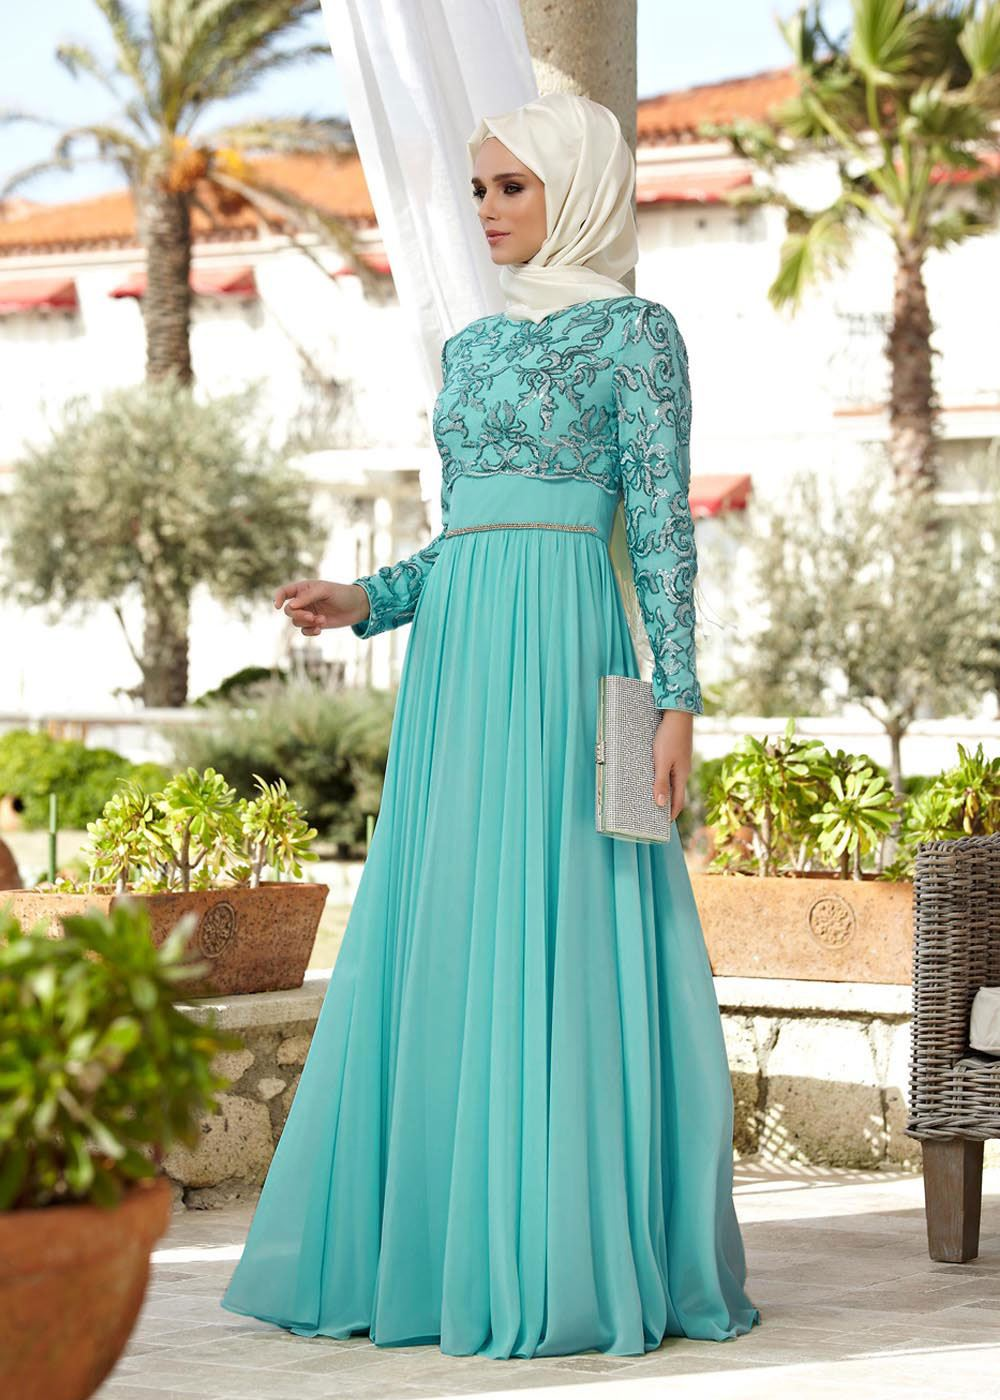 بالصور فساتين سهرة طويلة , احلى فستان طويل عصيرى ومتميز يناسب المحجبات 358 7